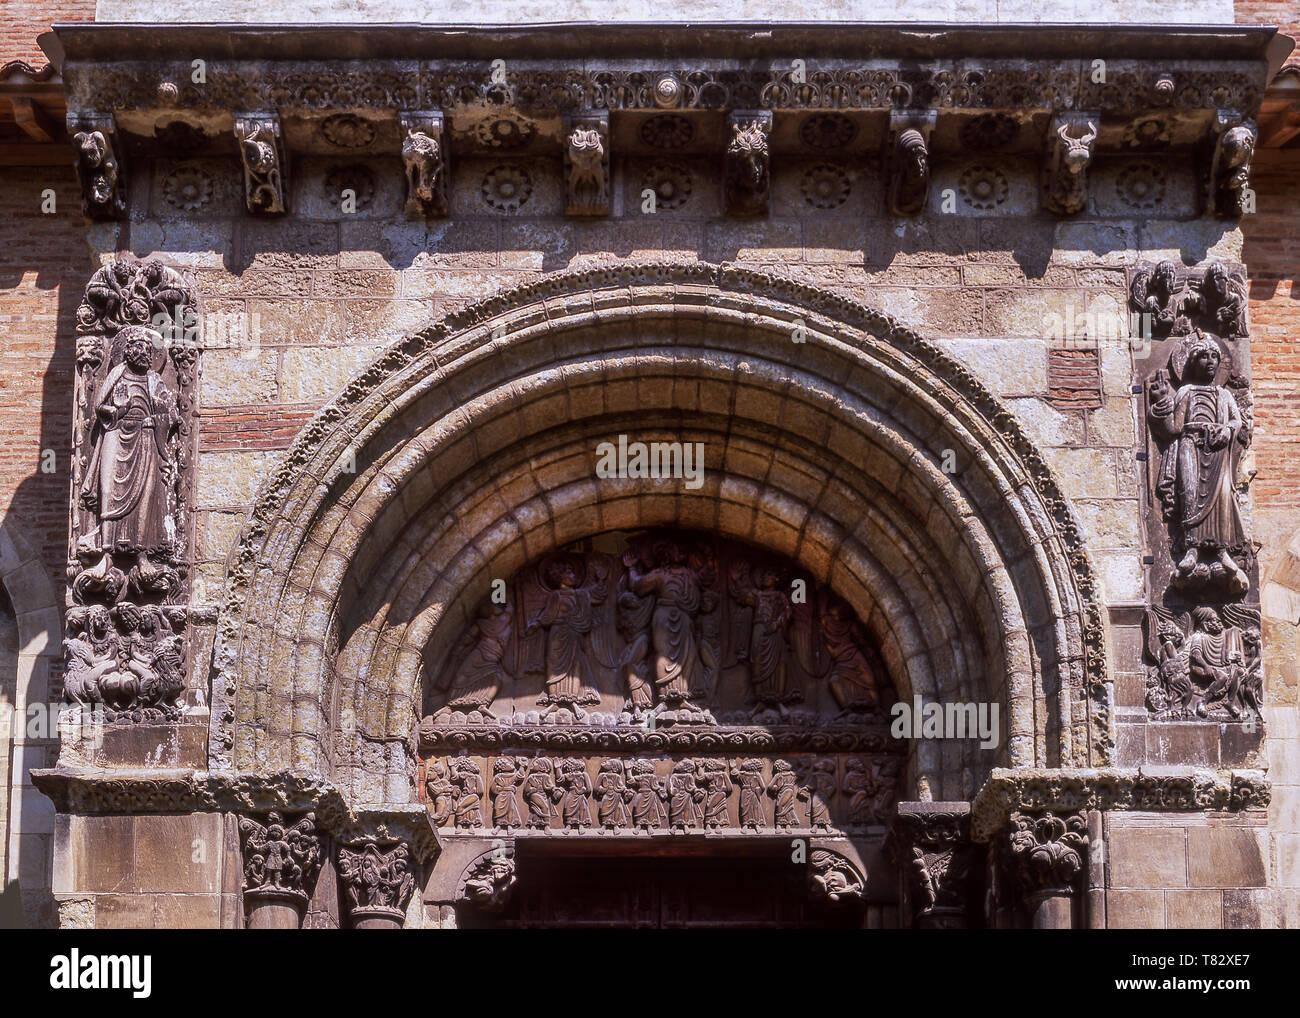 St Sever de Rustan,Romanesque Abbey of 1028 AD.Dept Hautes-Pyrenees.Southwest France. - Stock Image